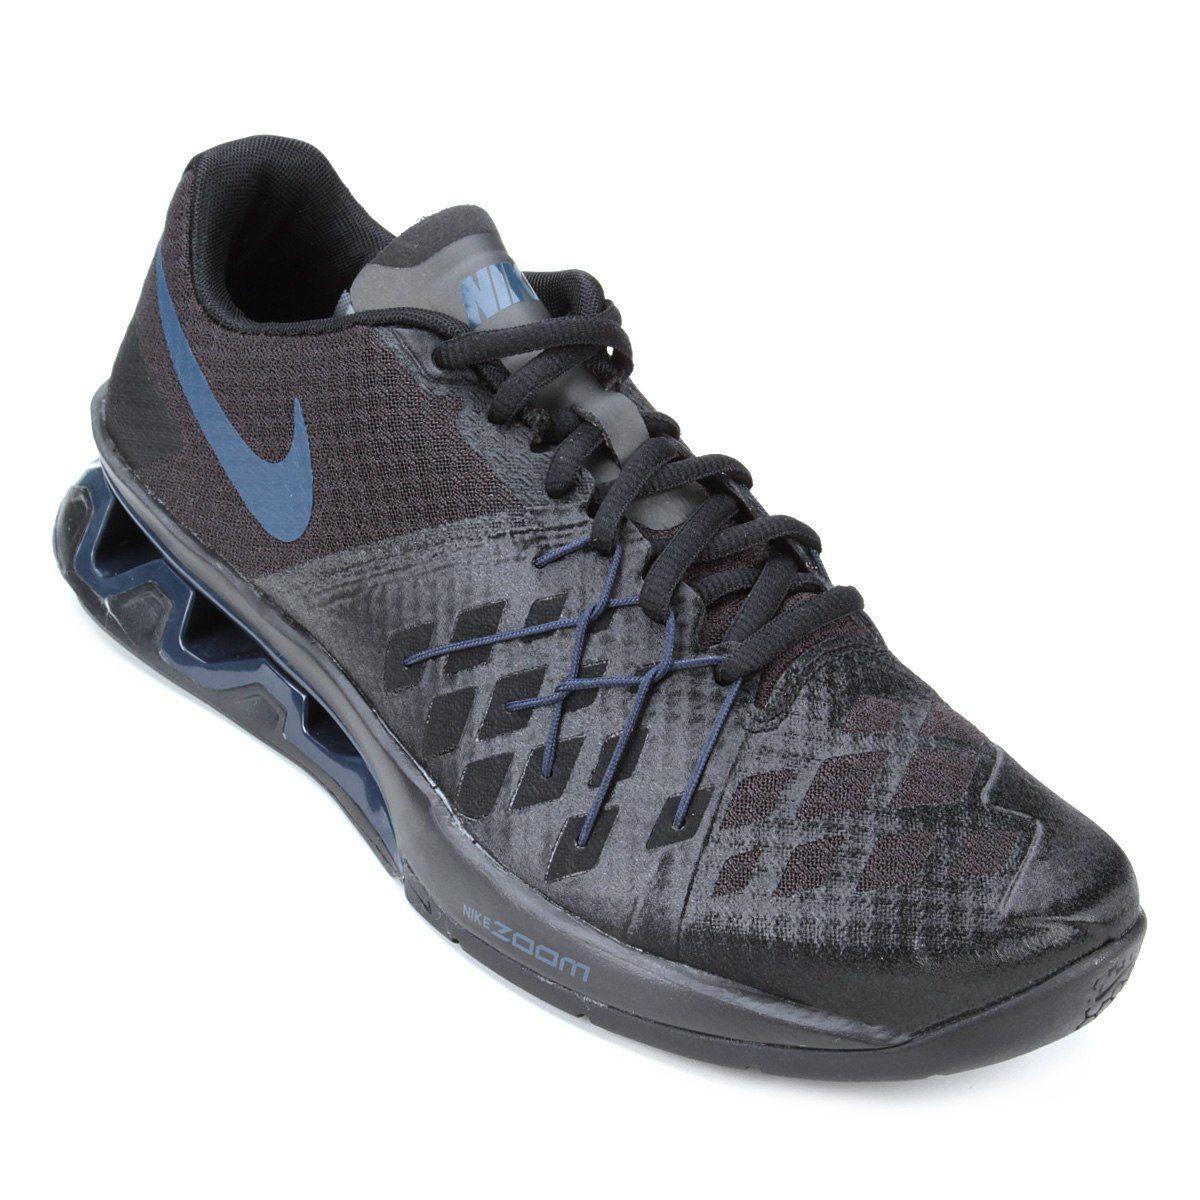 new arrivals 49b07 2b378 FOTOS. Tênis Masculino Nike Reax Lightspeed Ii - BRACIA SHOP ...